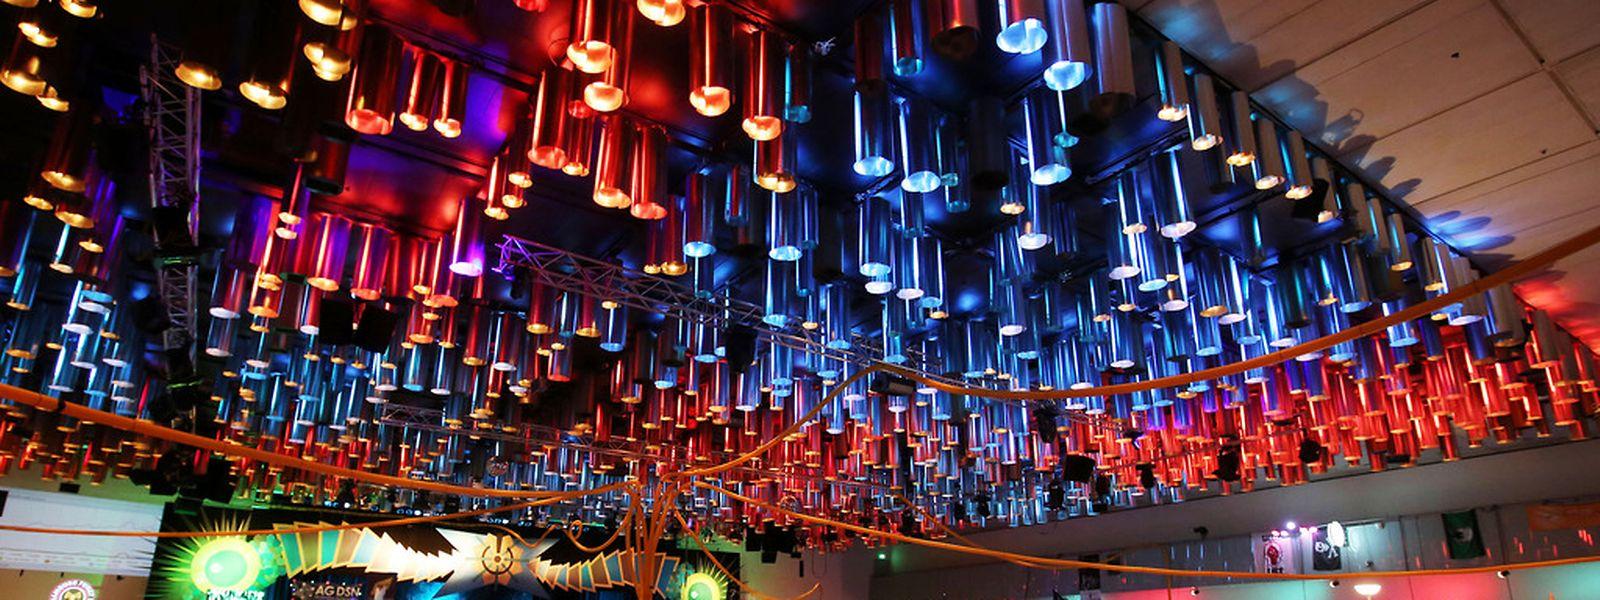 Clubatmosphäre: Dank hunderter erleuchteter Laptopscreens und loungetauglicher Deckenbeleuchtung wirkte das internationale Gipfeltreffen der Computerhacker eher gemütlich als nerdig oder gar chaotisch.